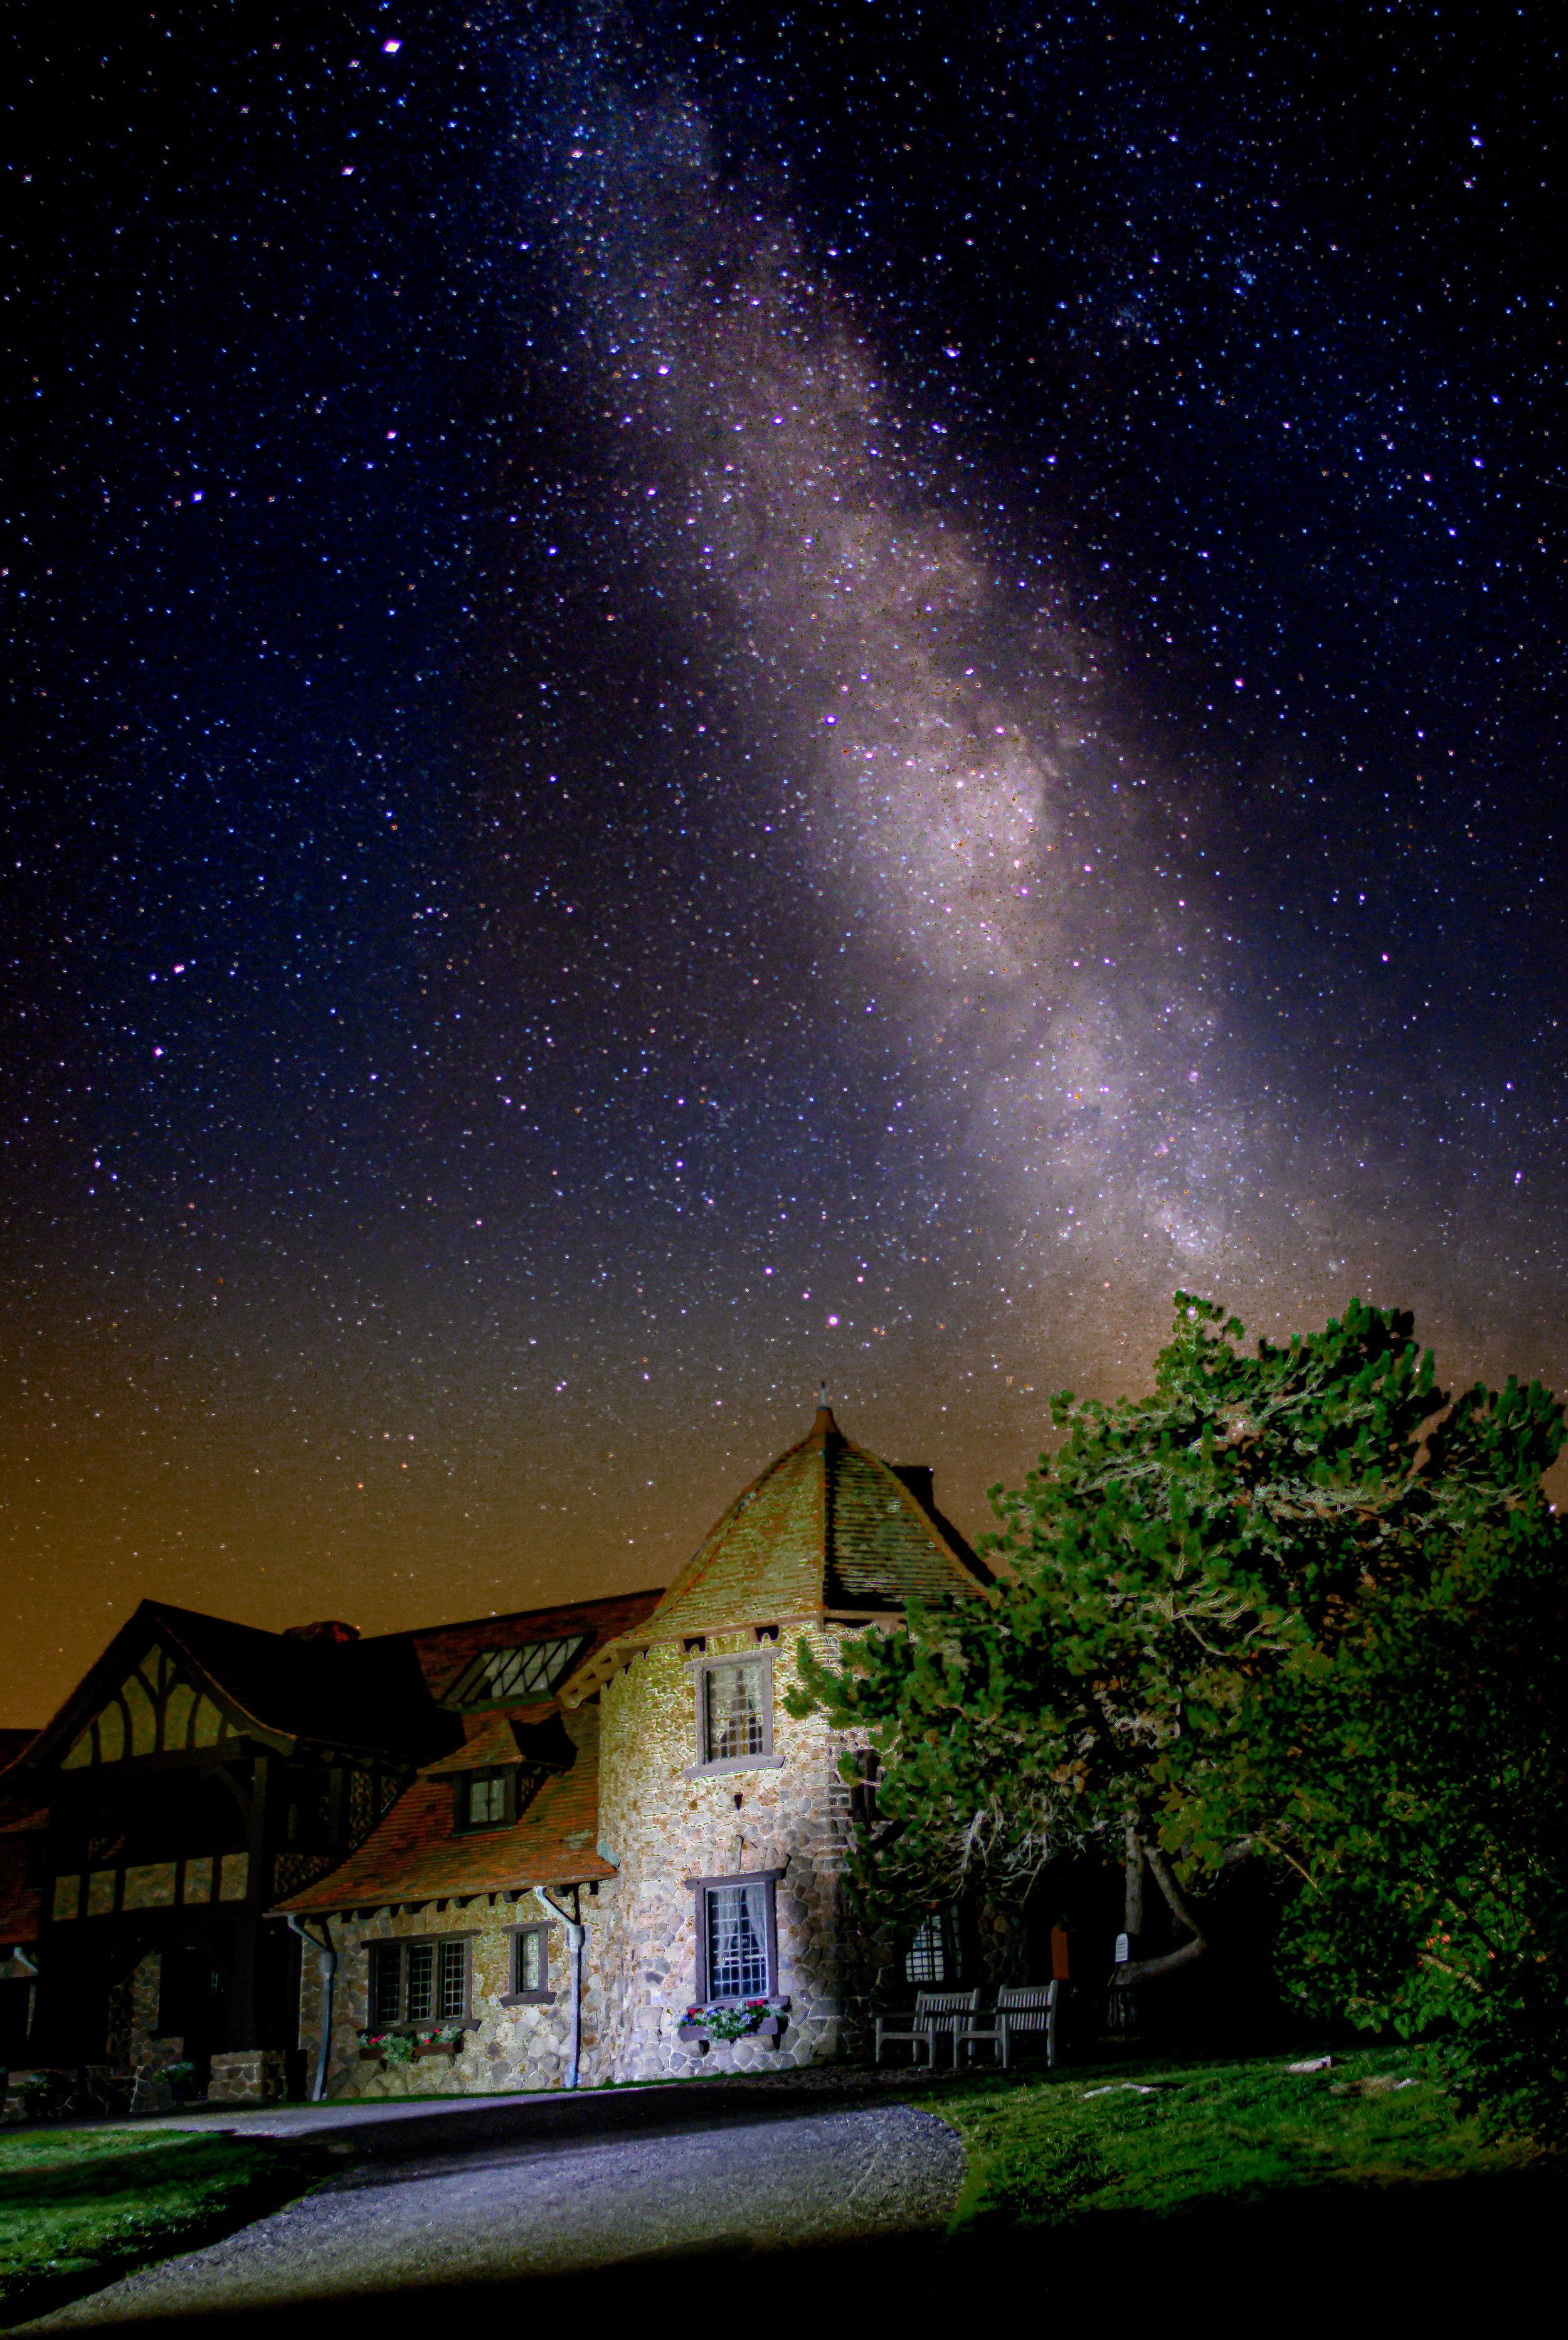 Milky Way Illumination